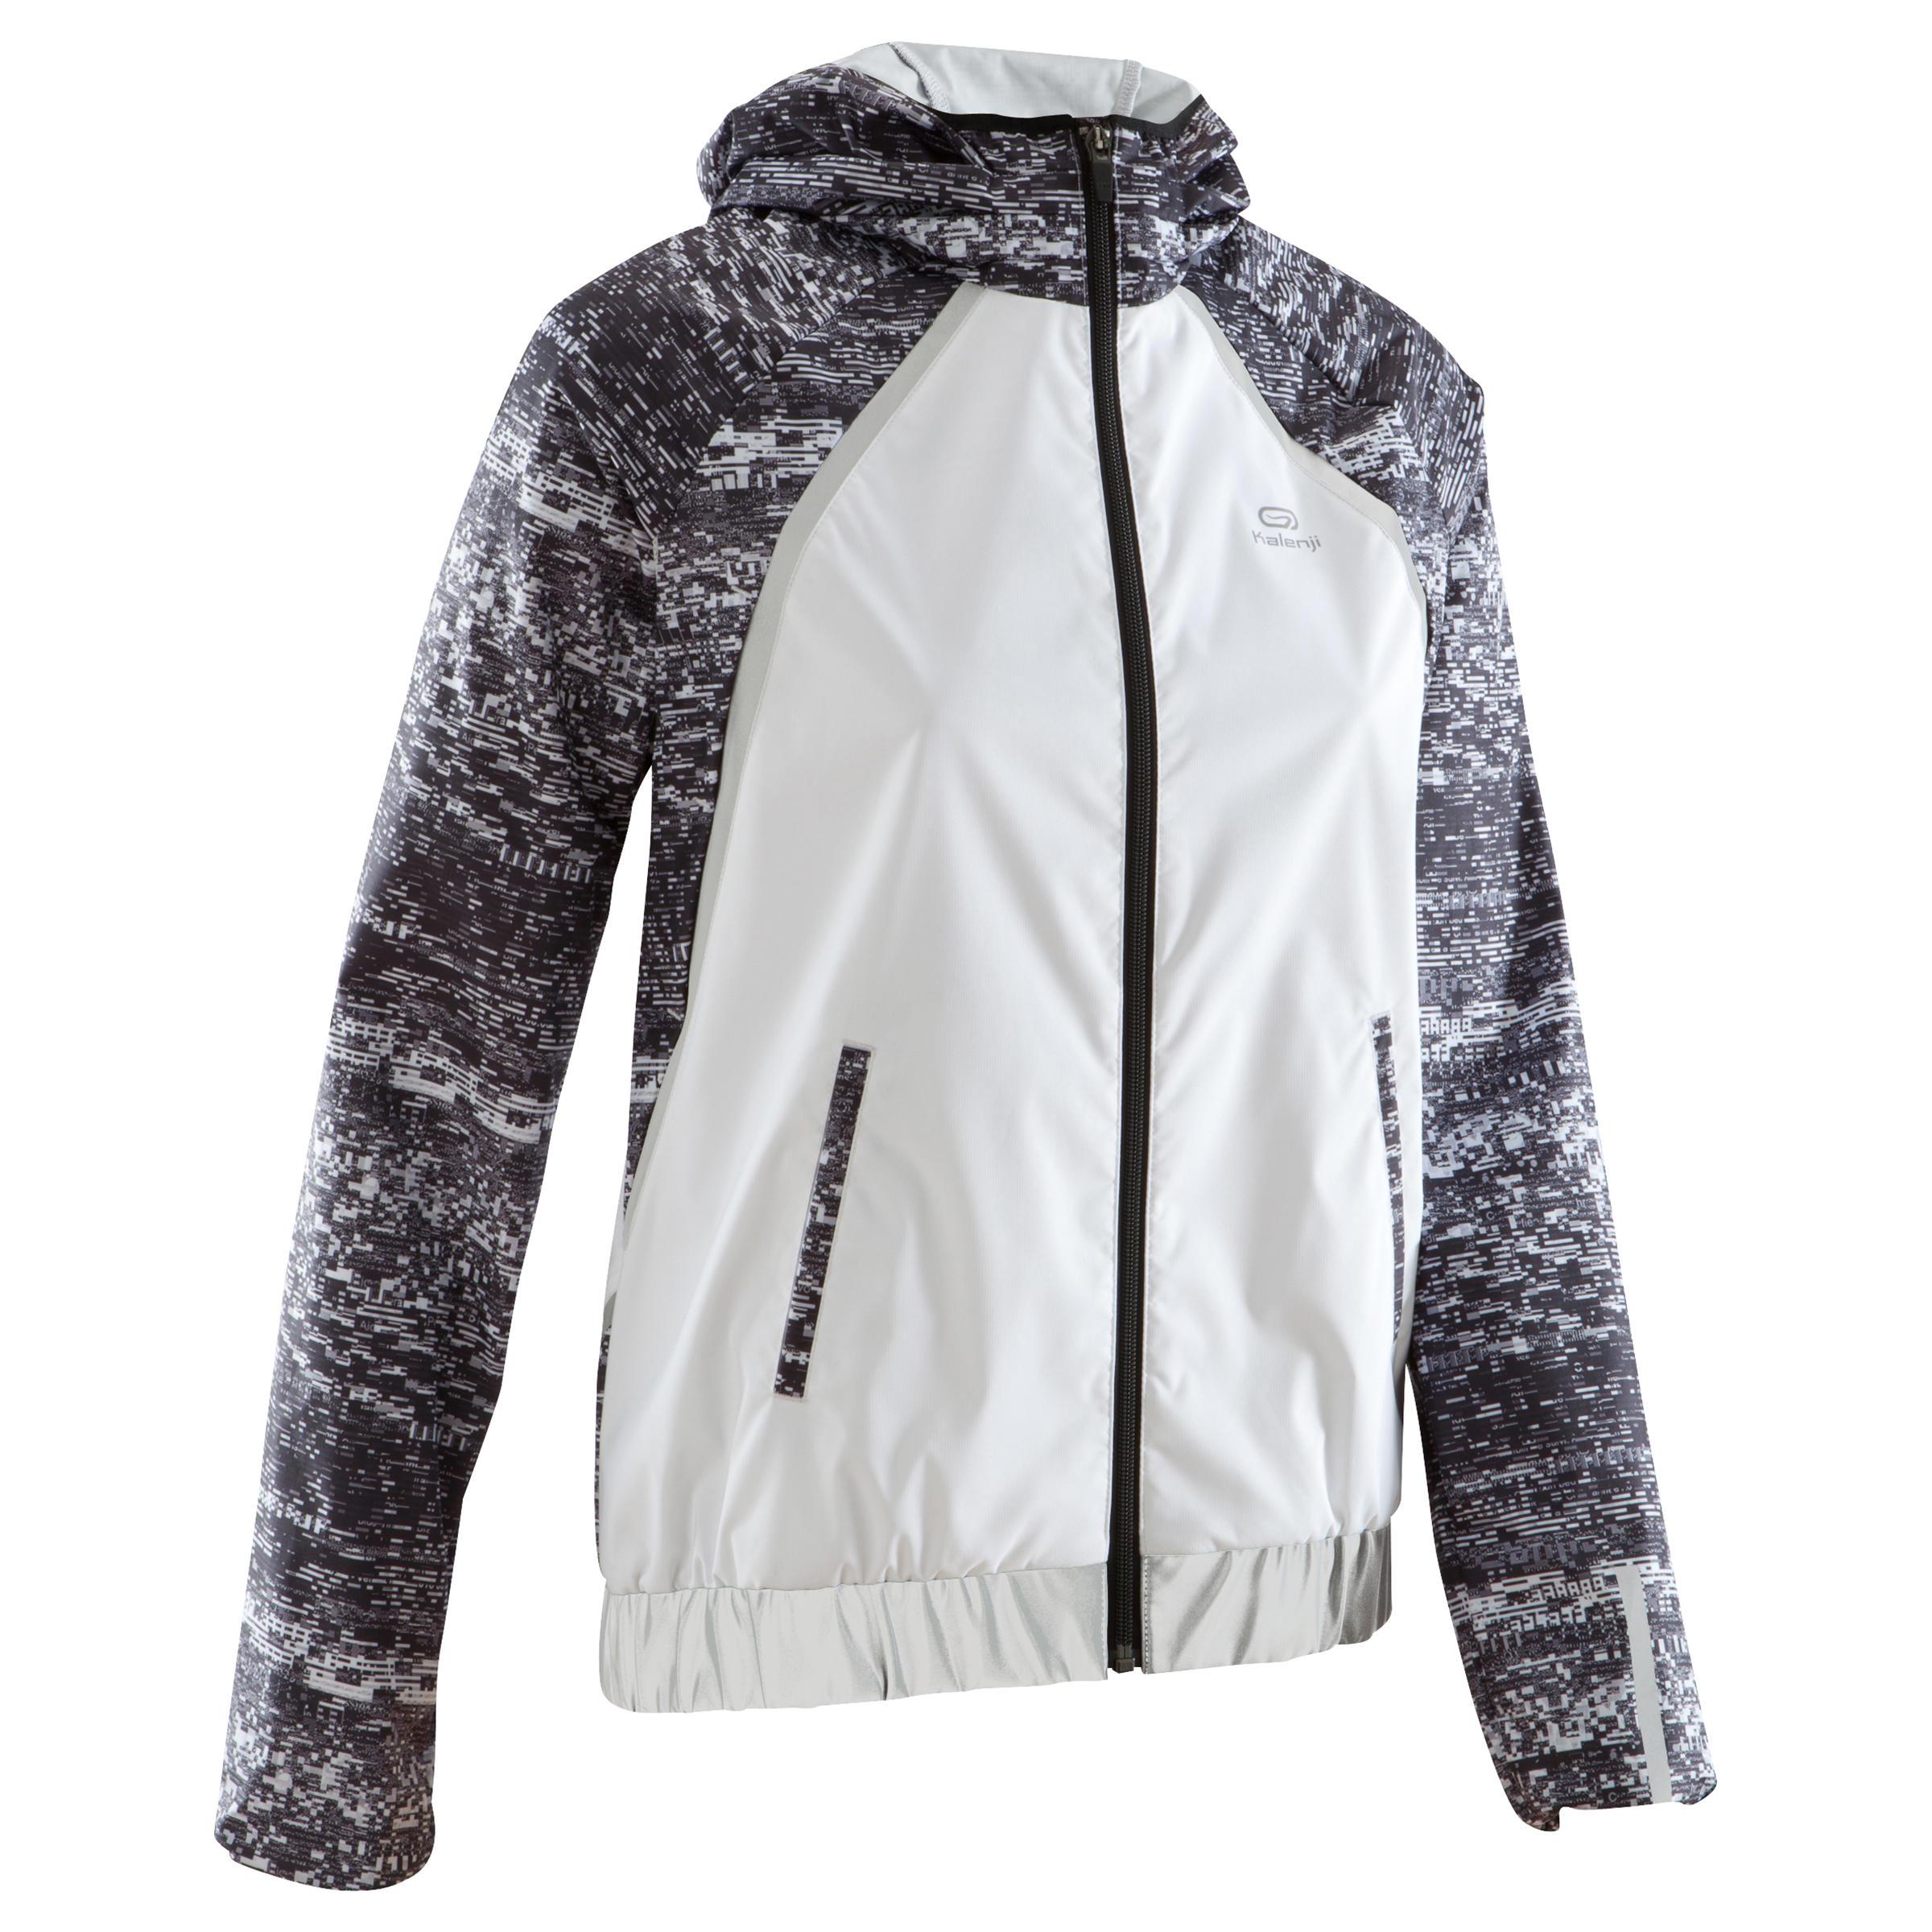 Run Rain Women's Running Rain Jacket - White